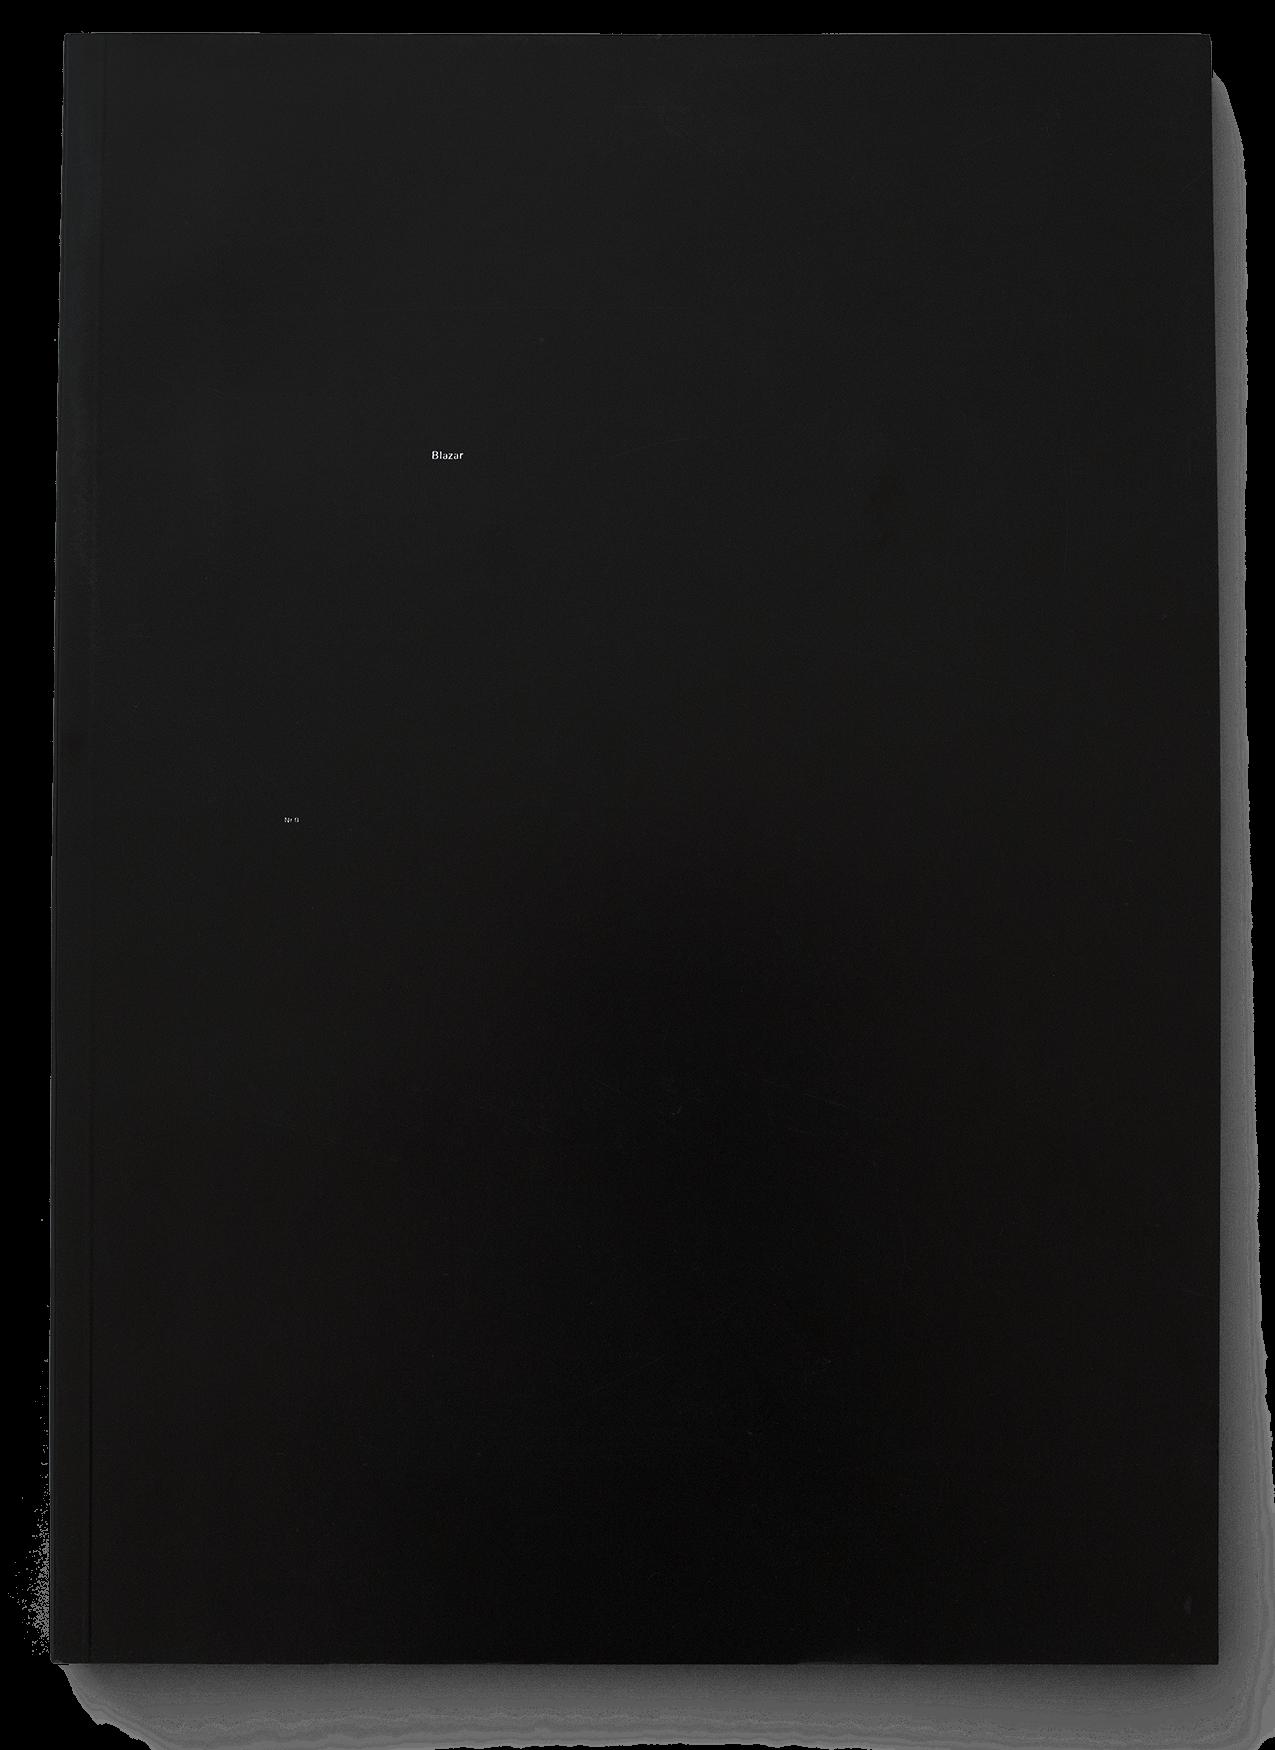 Livre/magazine de diplôme de l'ÉCAL de la photographe Anna Krieps